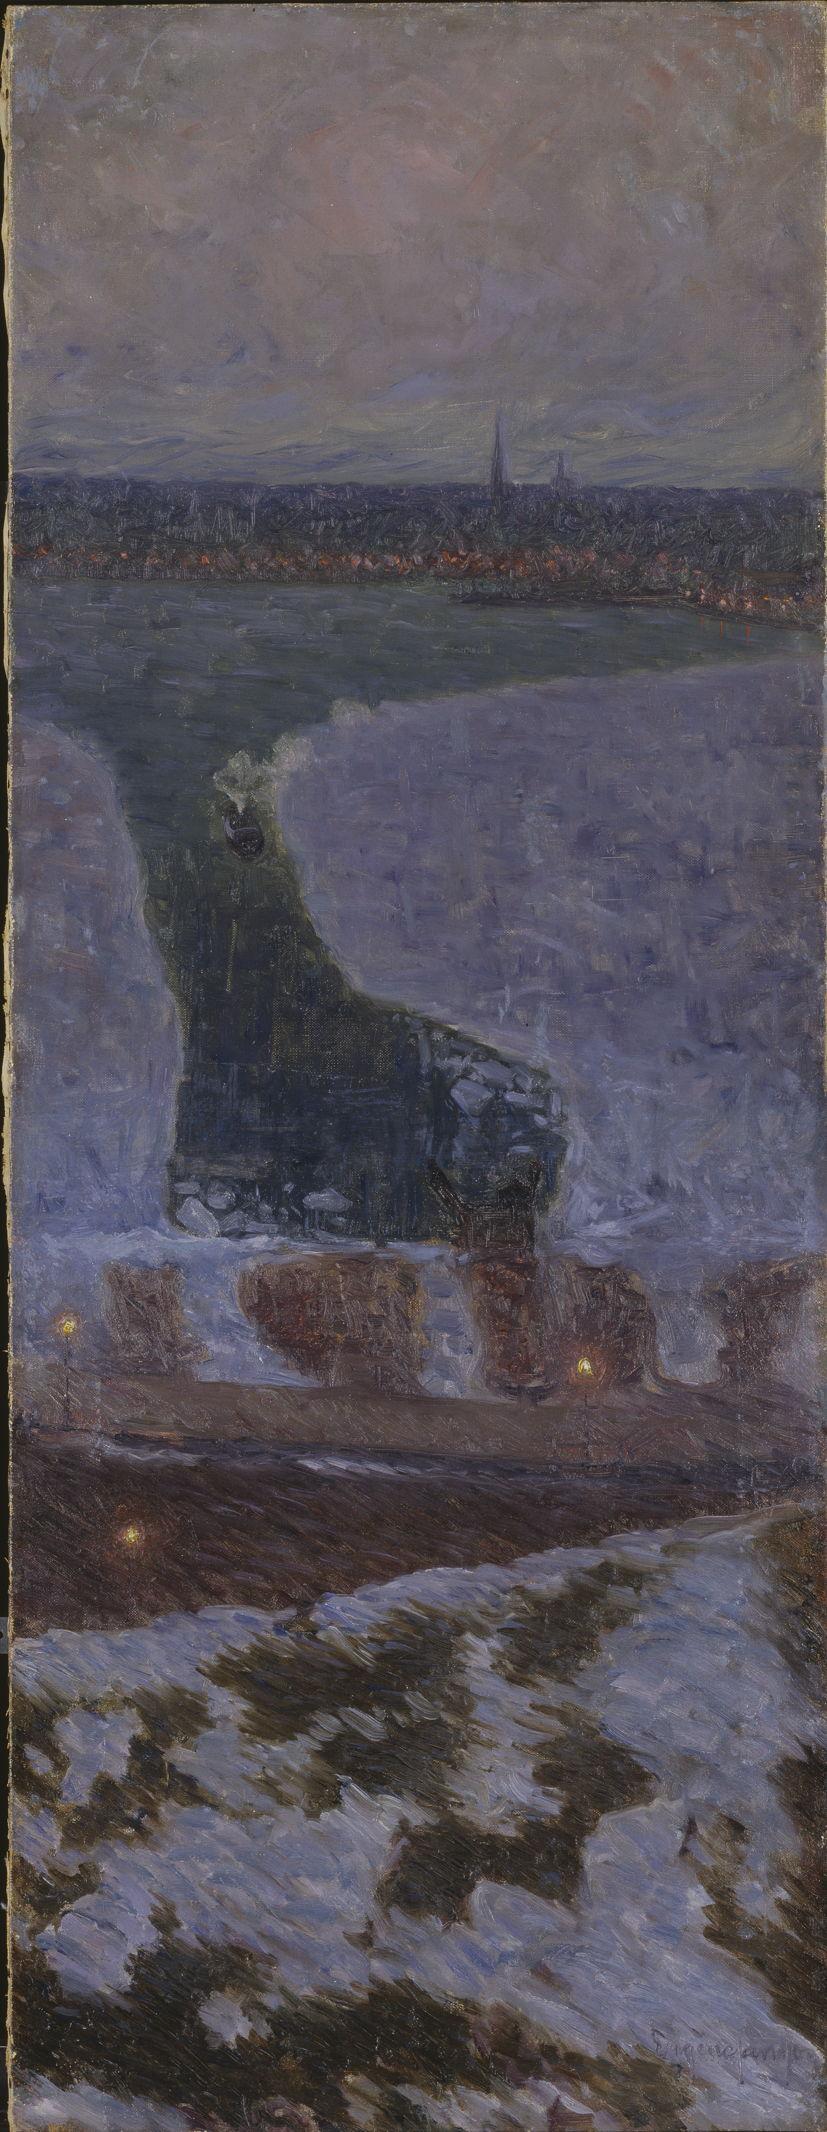 Eugene JanssonRiddarfjärden